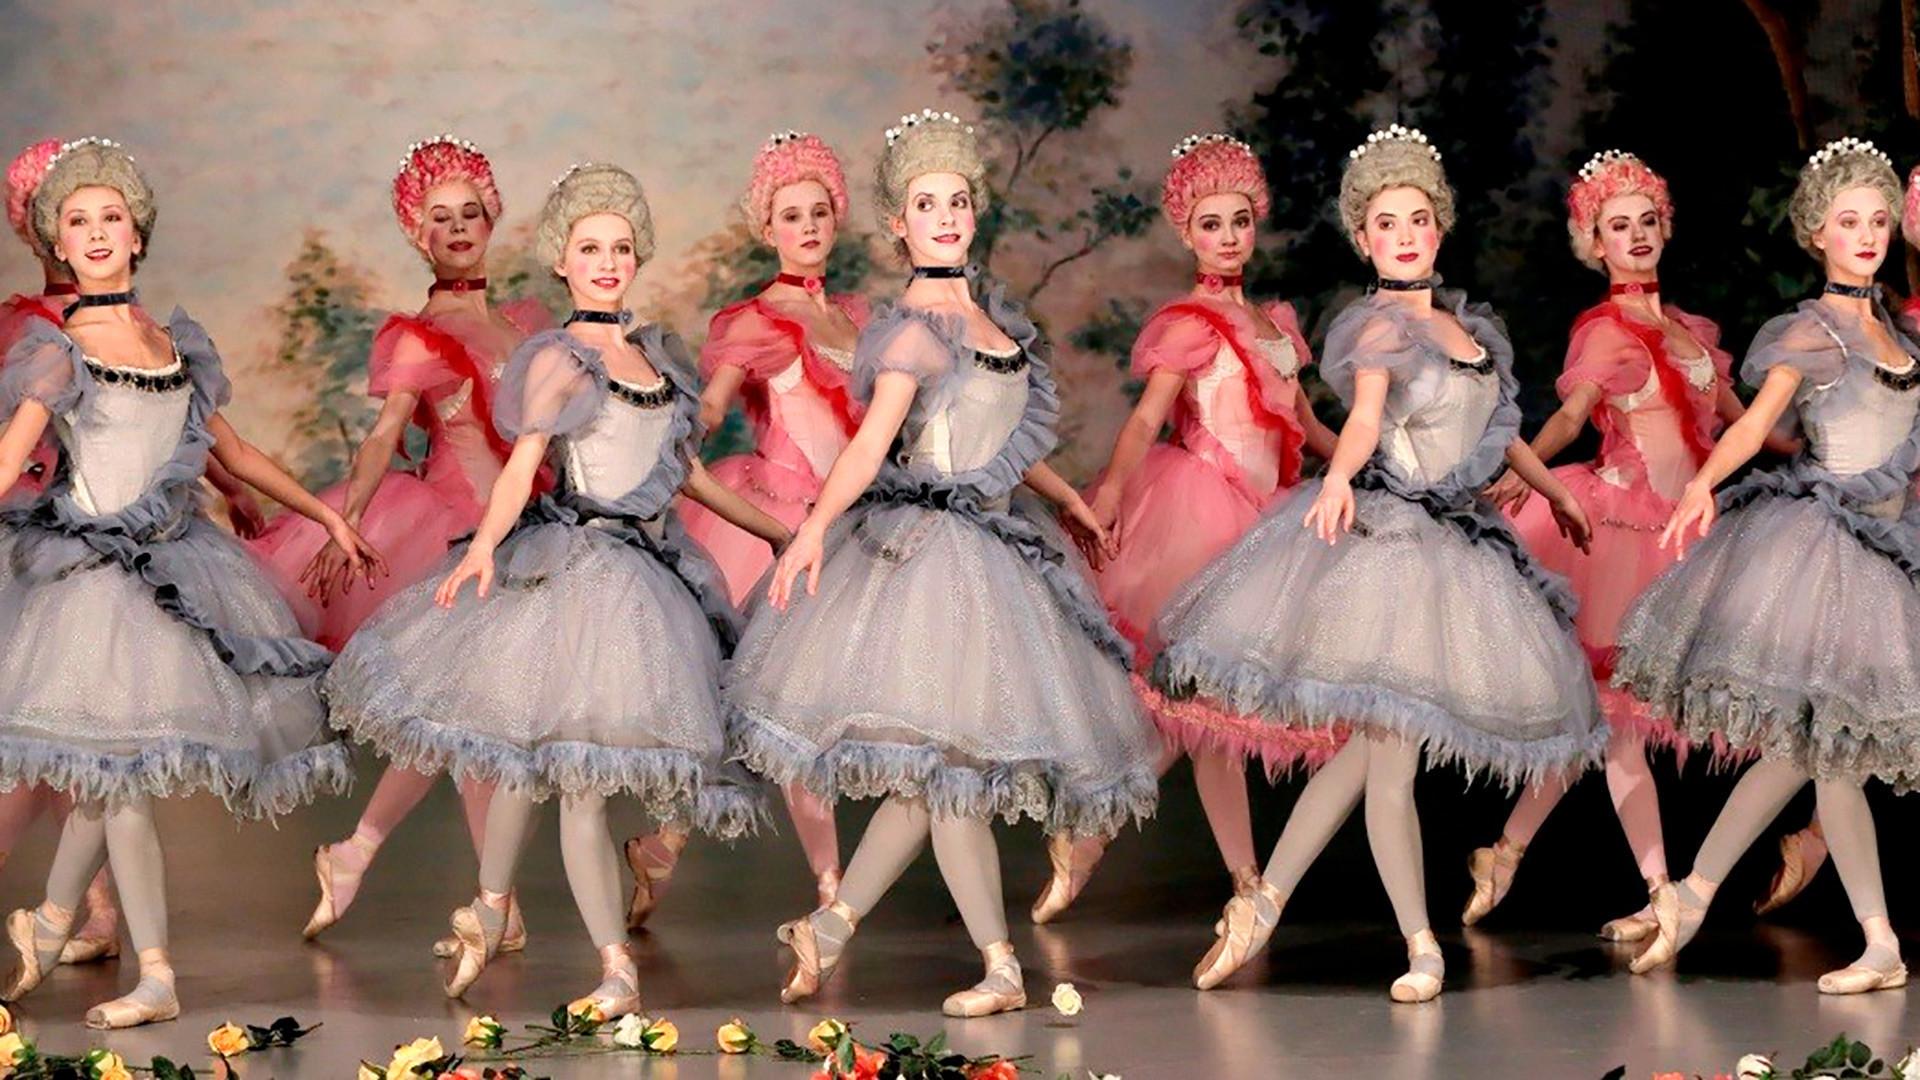 Balet u Mariinskom teatru.